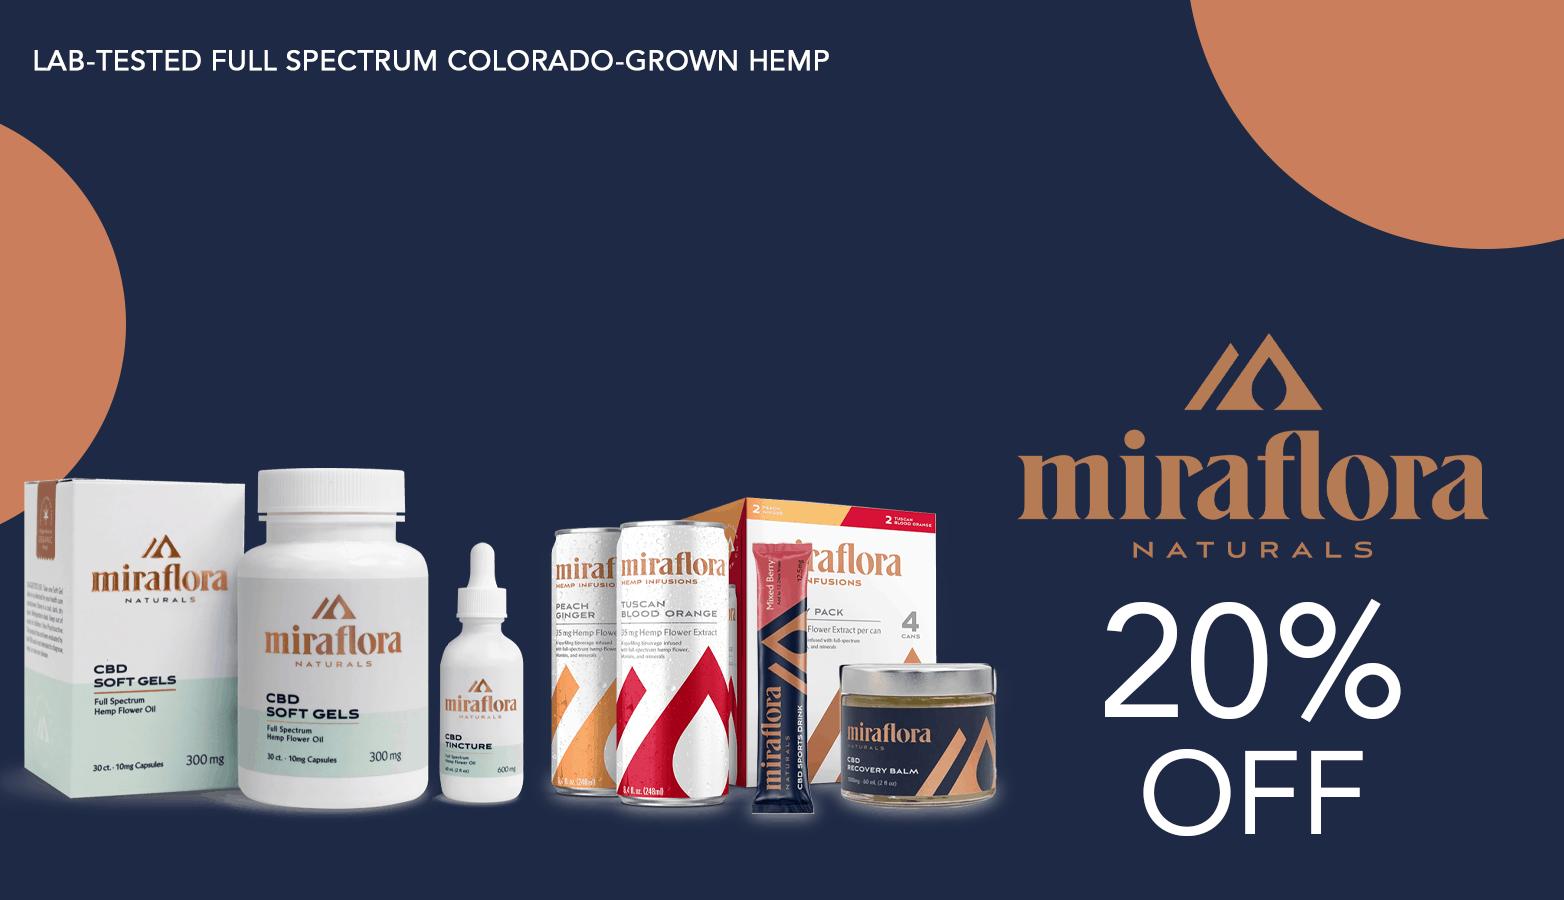 Miraflora Naturals CBD Coupon Code Offer Website